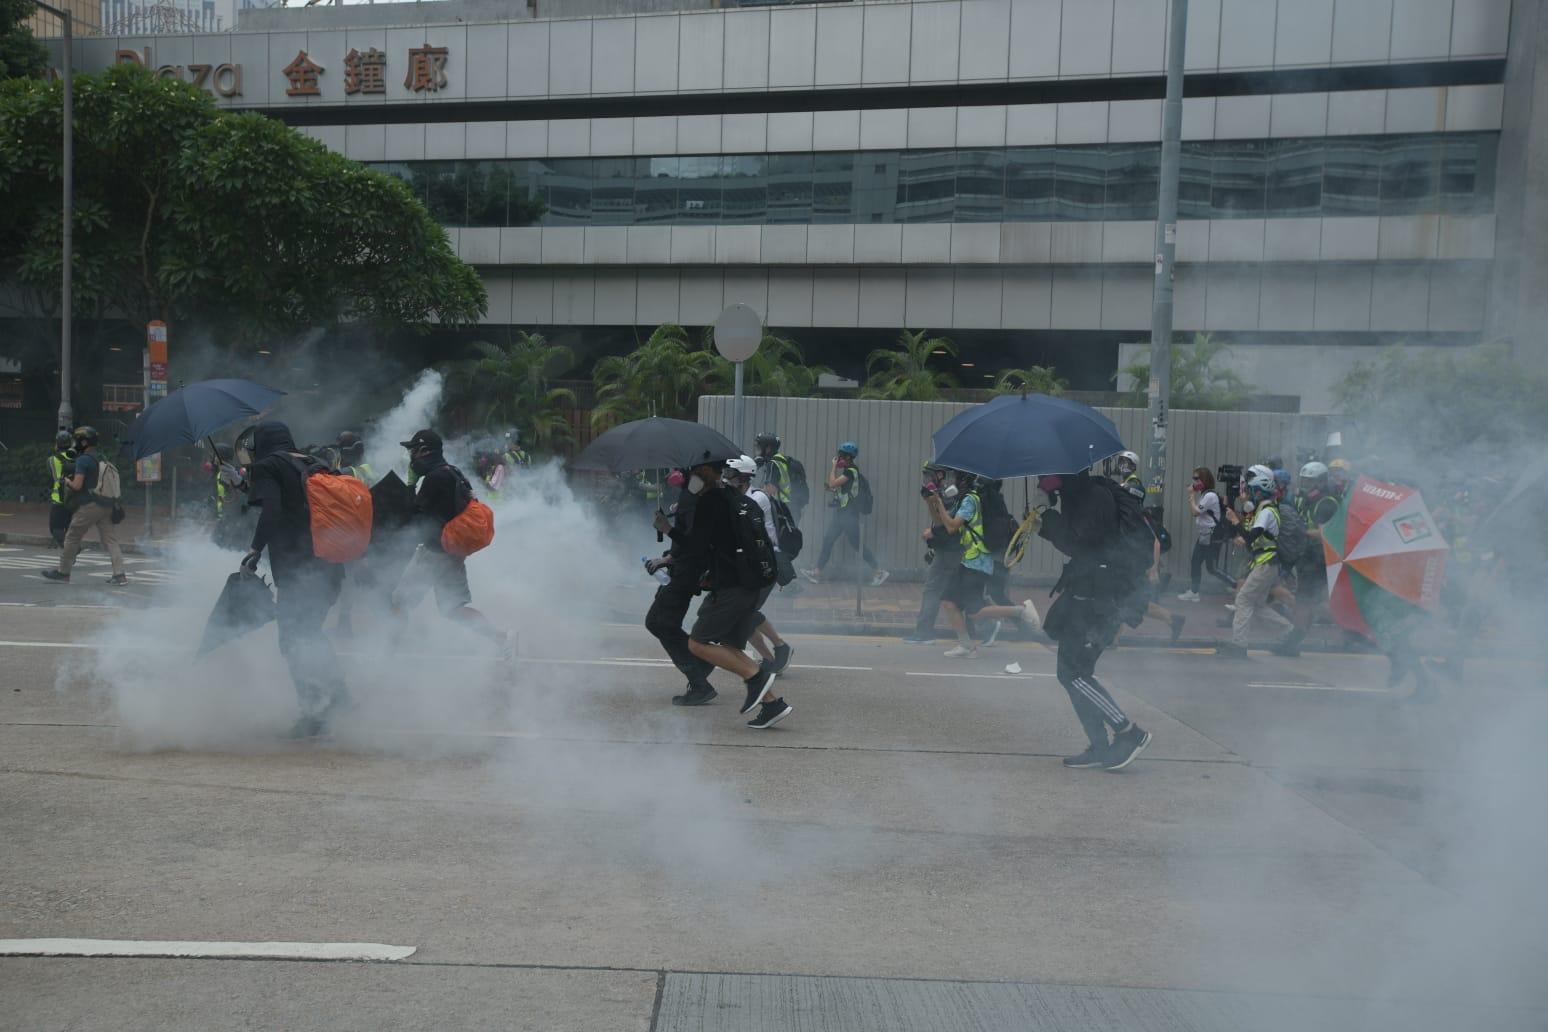 【修例风波】射催泪弹后警方离开金钟道 大批示威者冲前再佔路